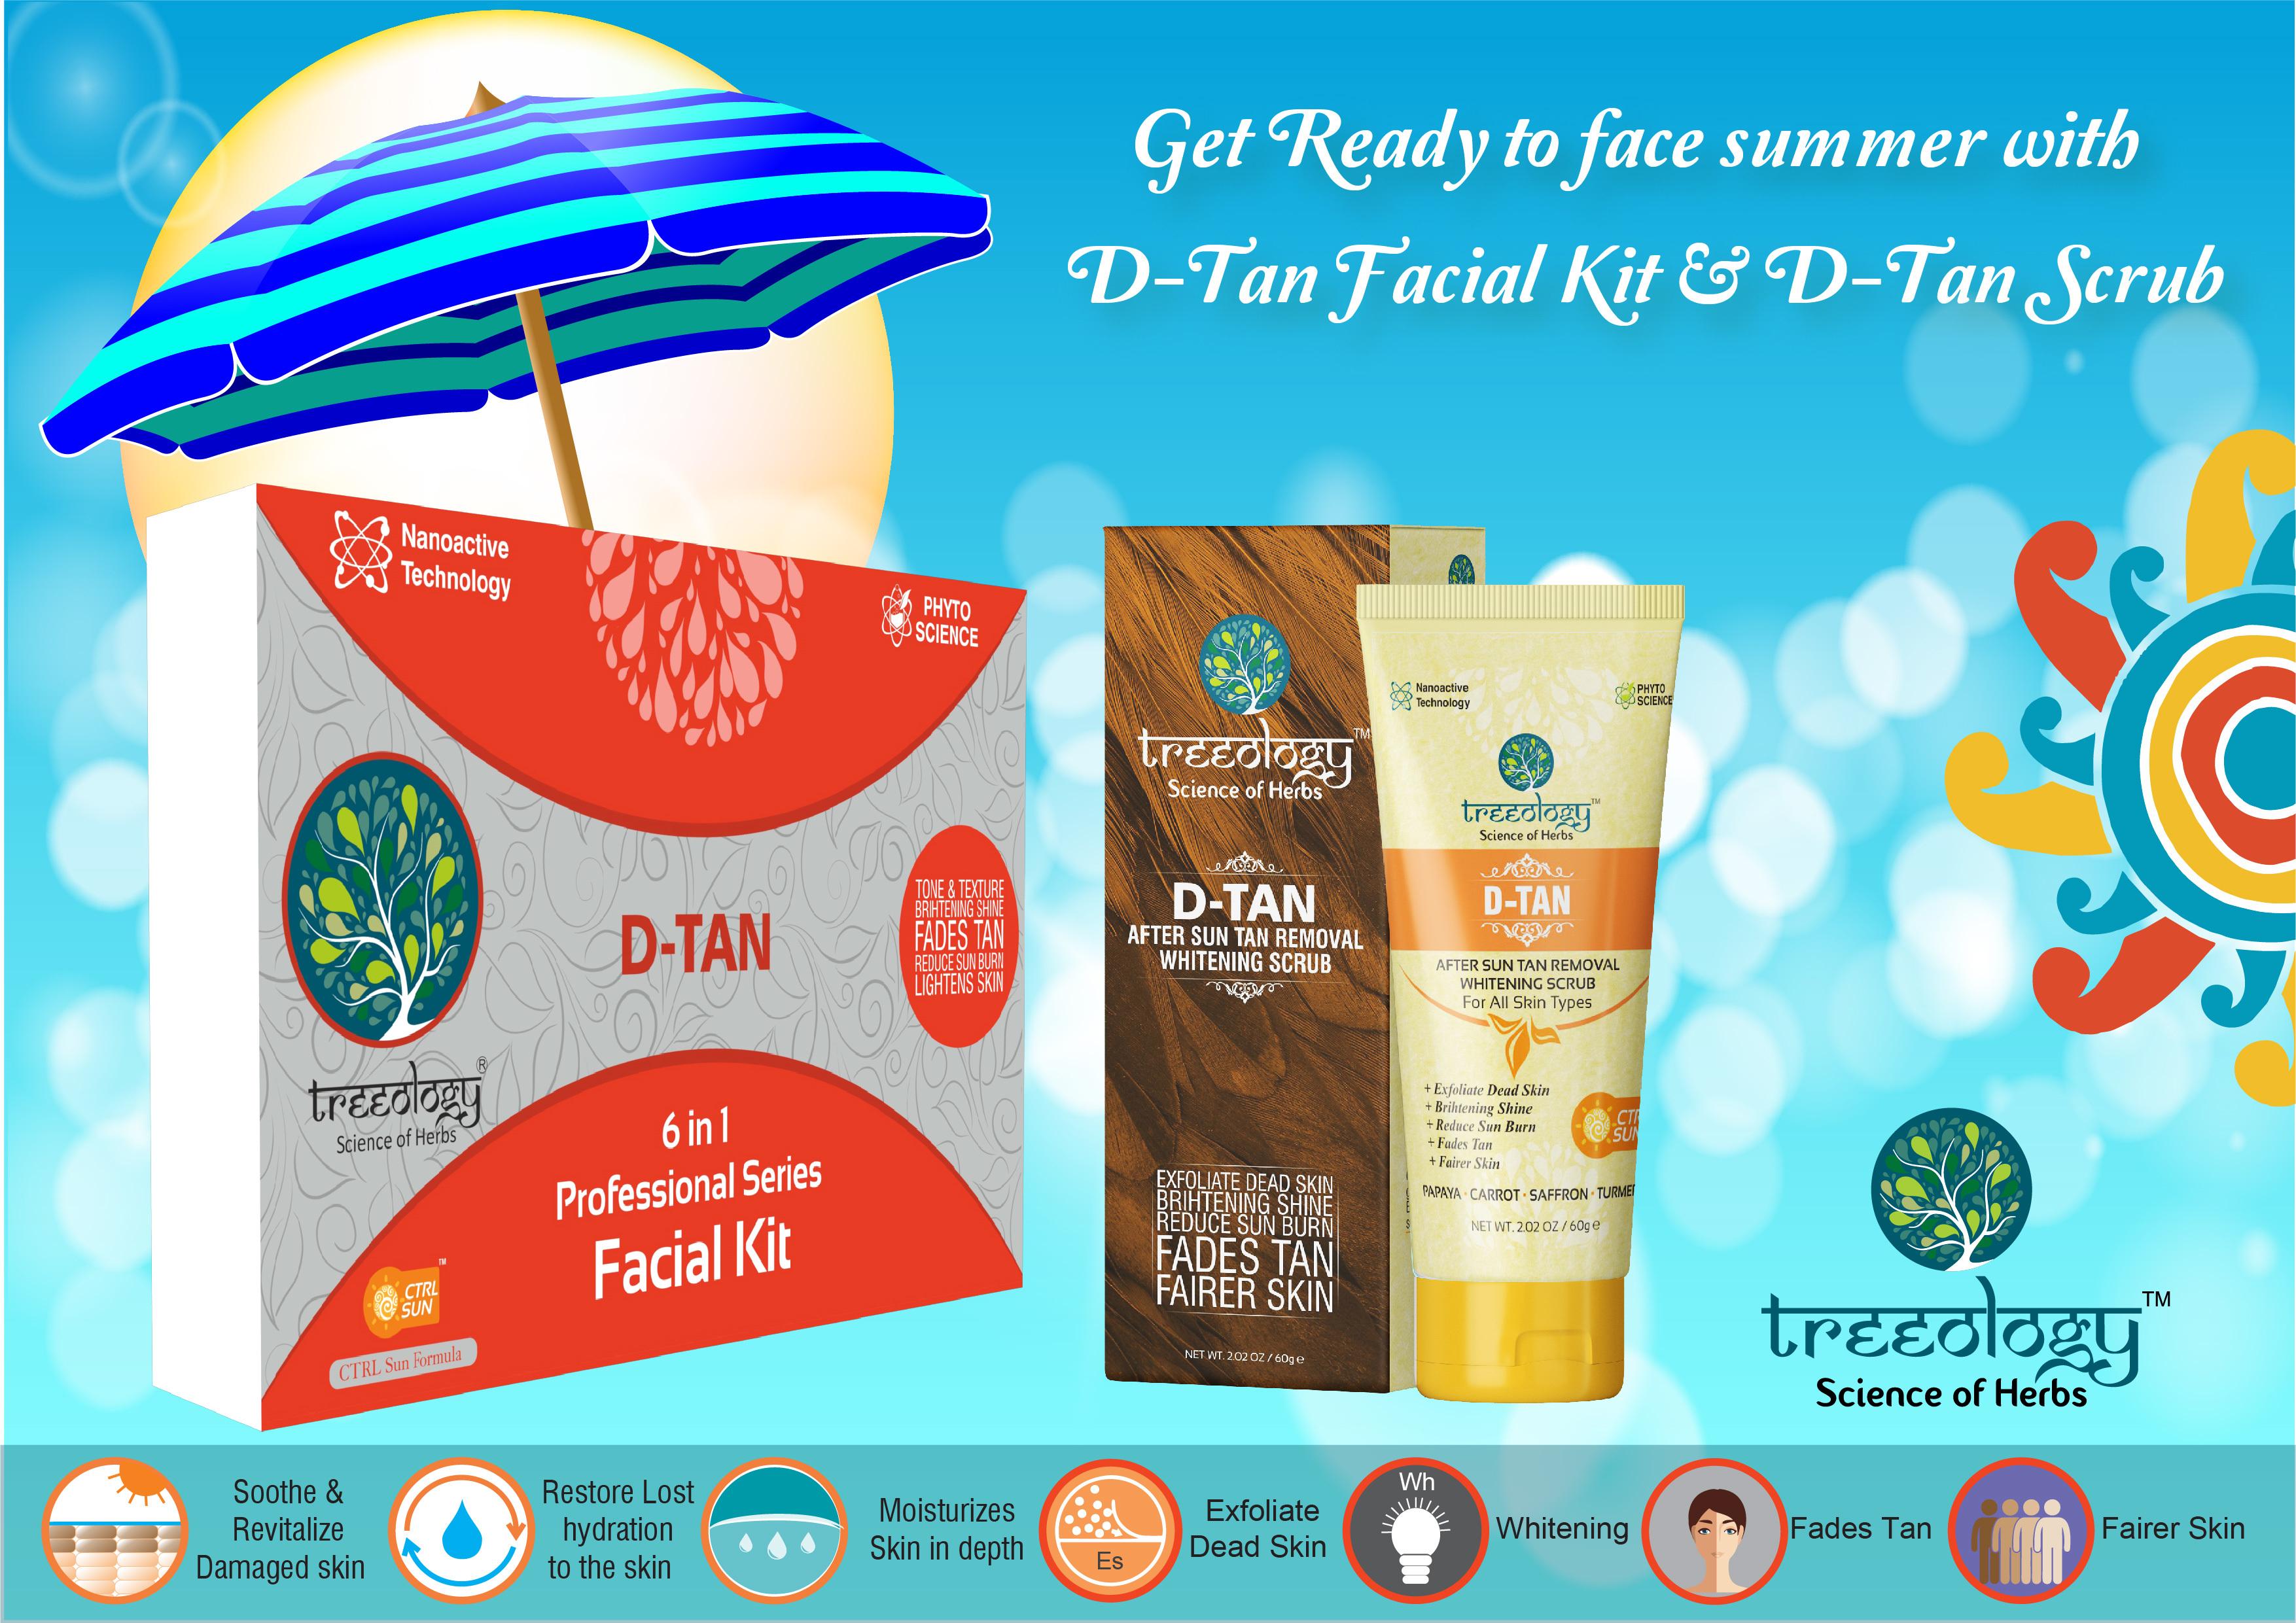 D-Tan Facial Kit